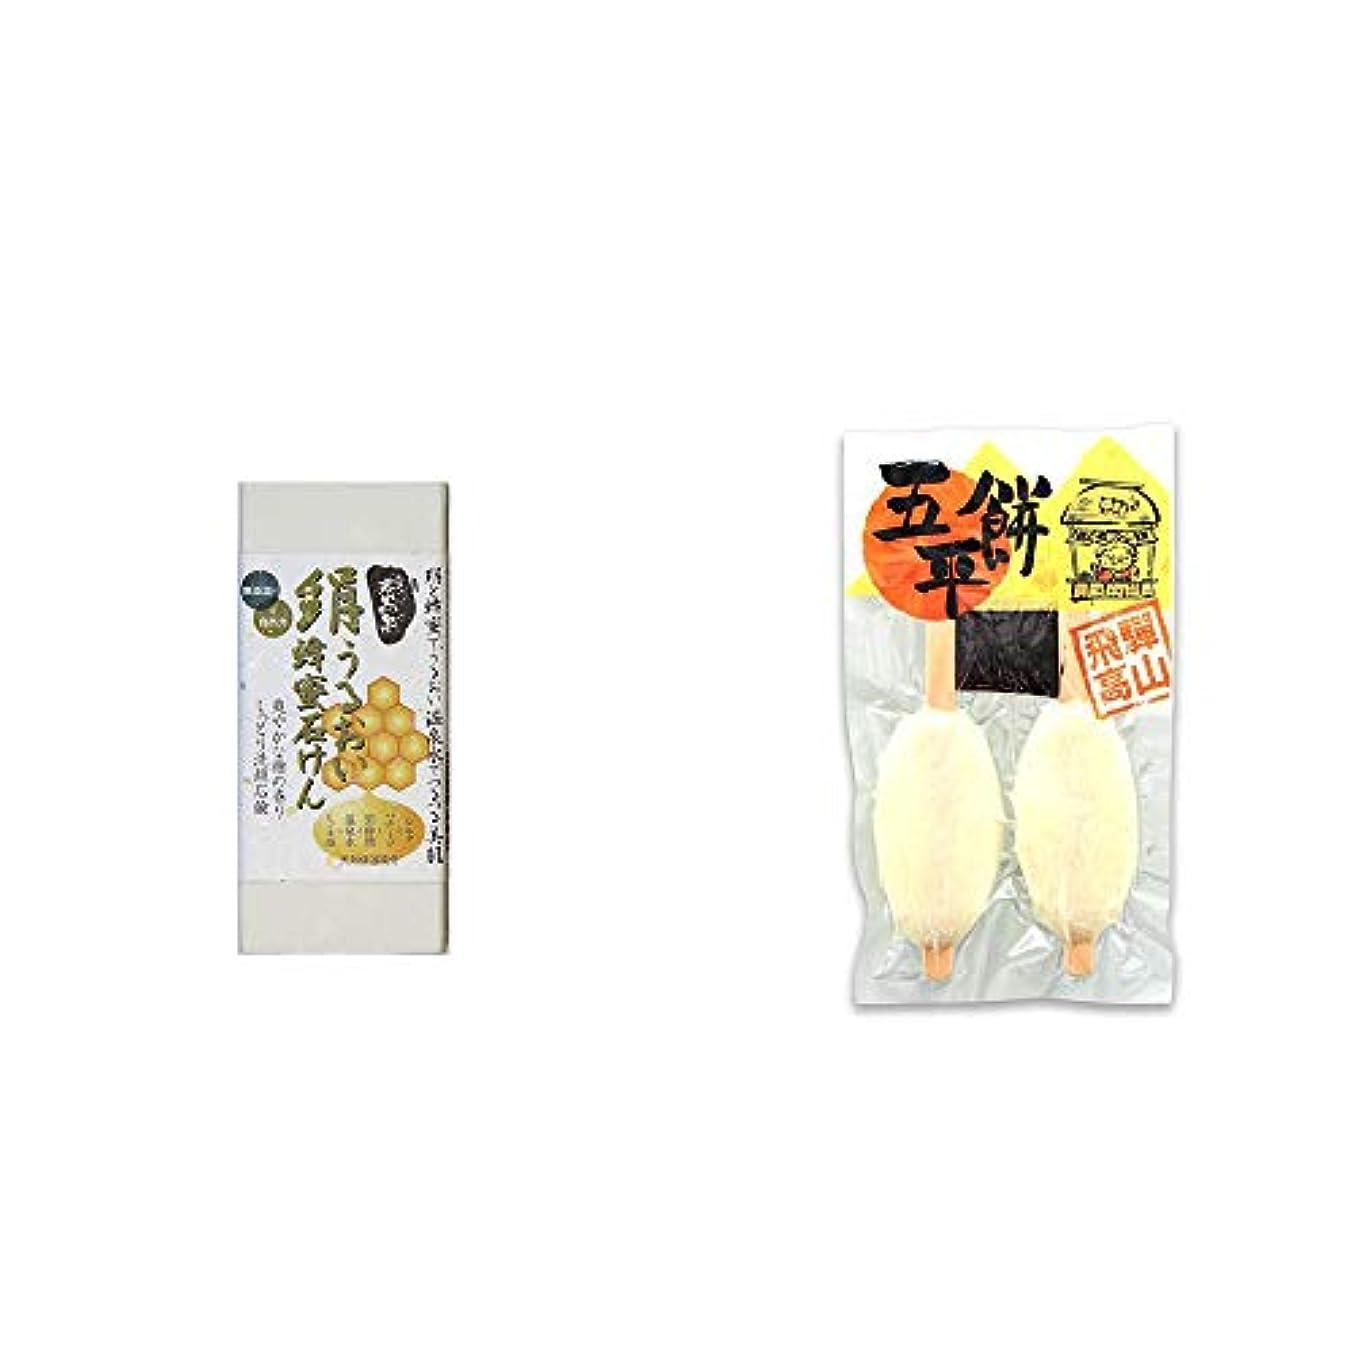 列車栄光論理的[2点セット] ひのき炭黒泉 絹うるおい蜂蜜石けん(75g×2)?飛騨高山 木や 五平餅(2本入)